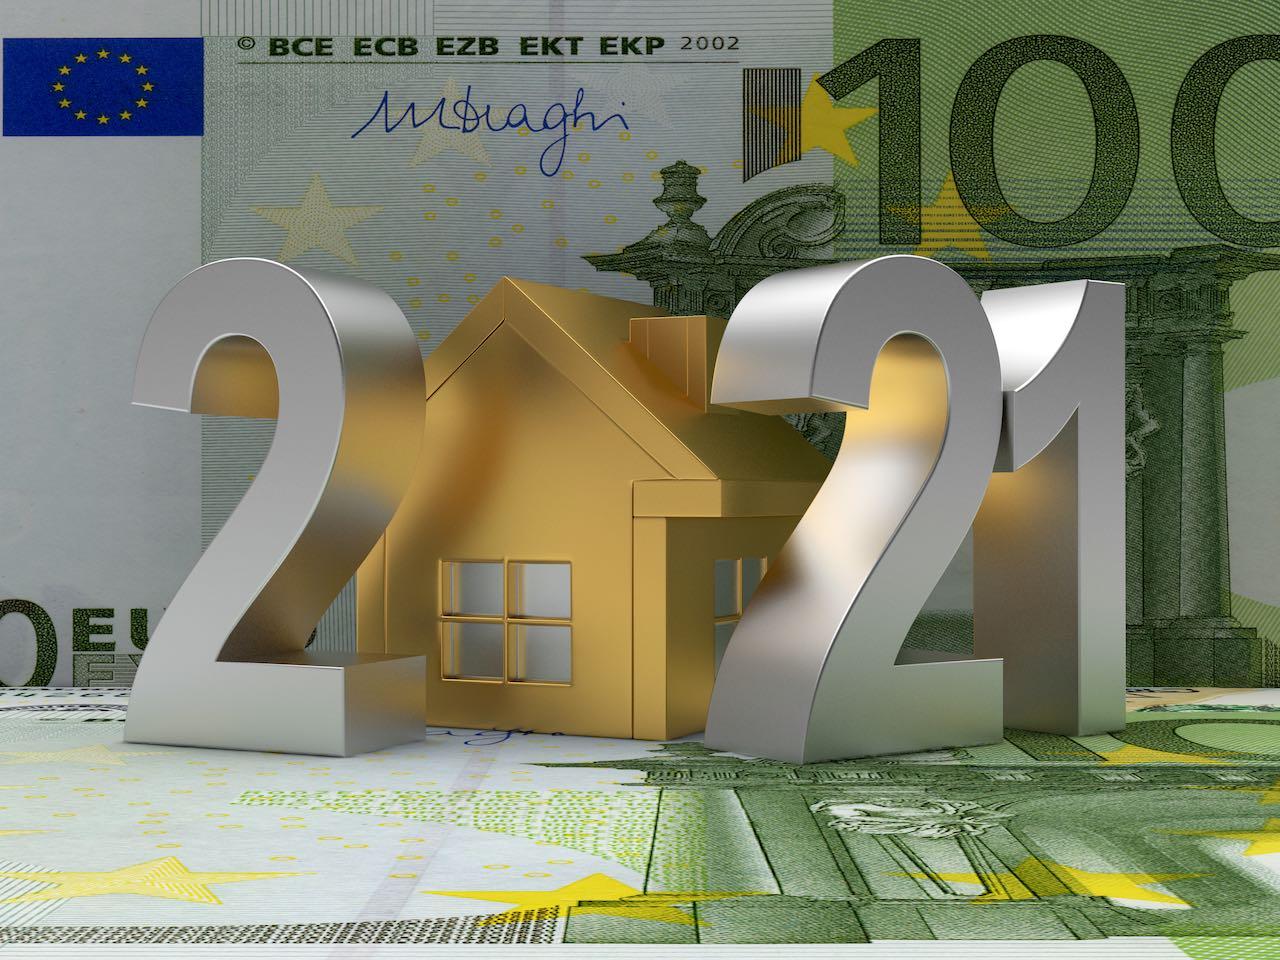 Immobilienkauf: Das ändert sich 2021 - Finanznachrichten ...